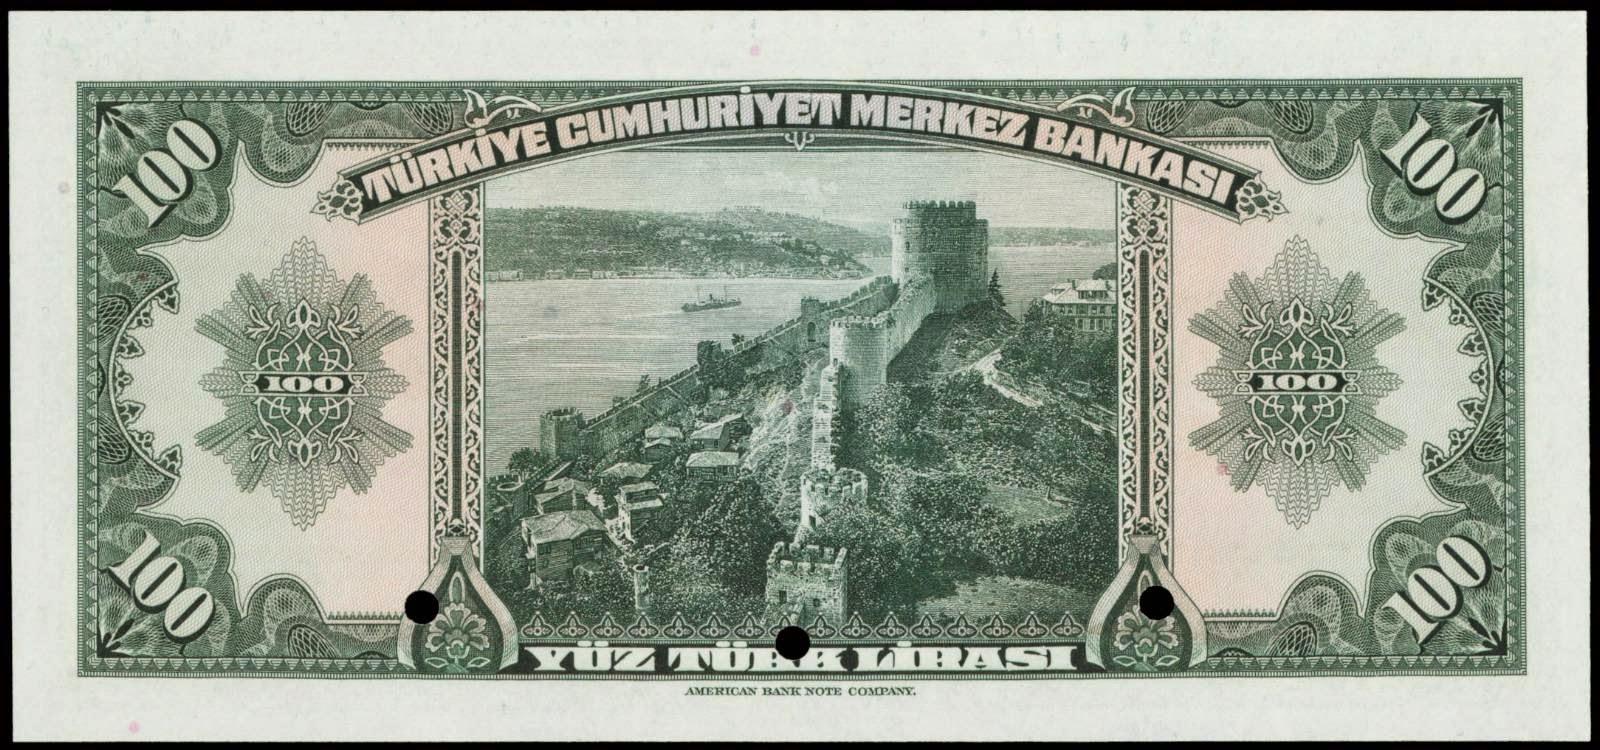 100 Turkish Lira bill